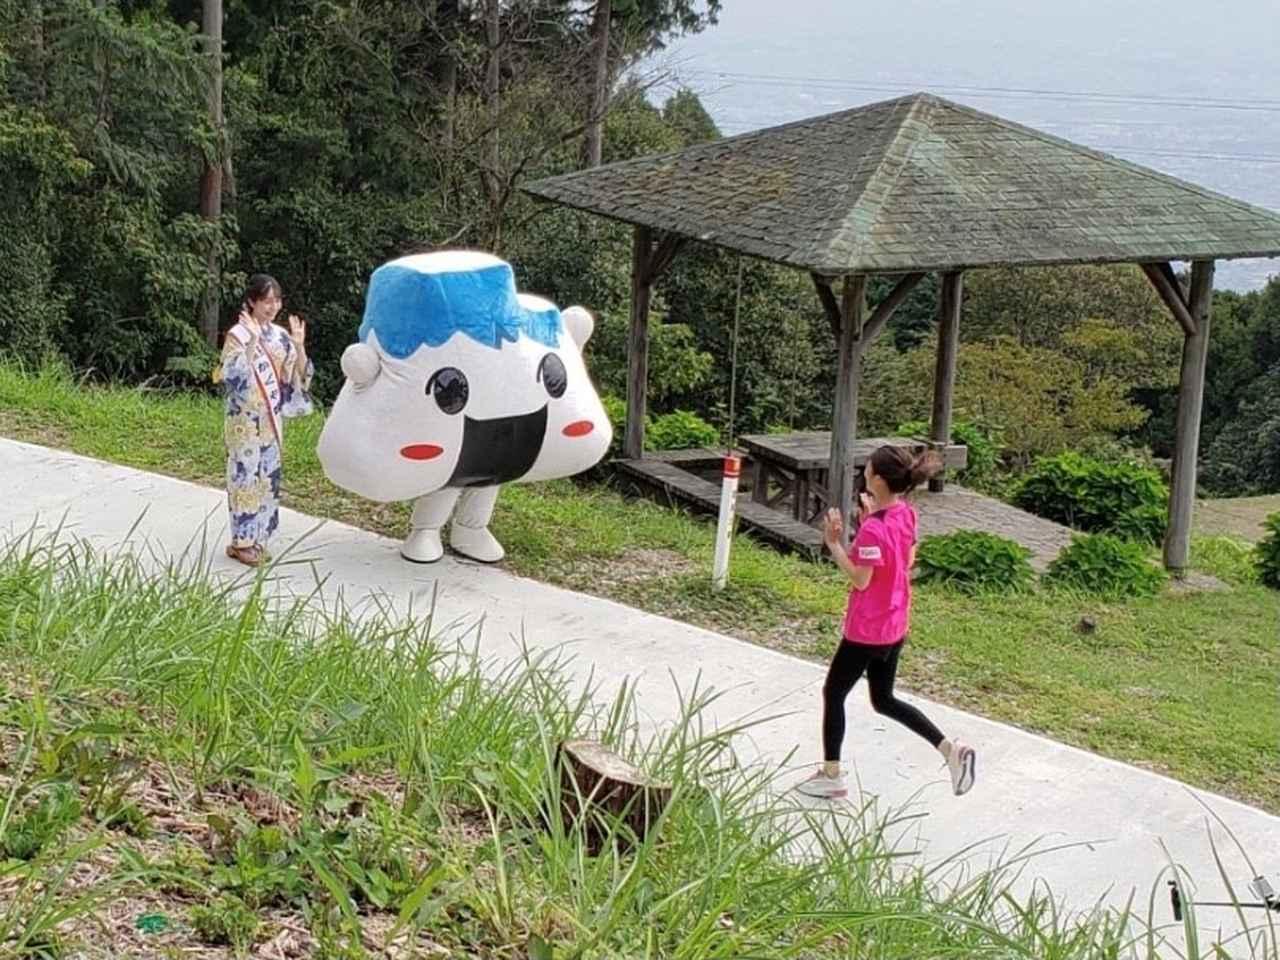 画像: キャンプ場で撮影☆ 富士市のPRをするかぐや姫の佐藤夏音(なつね)さんと 富士市のキャラクター「むすびん」